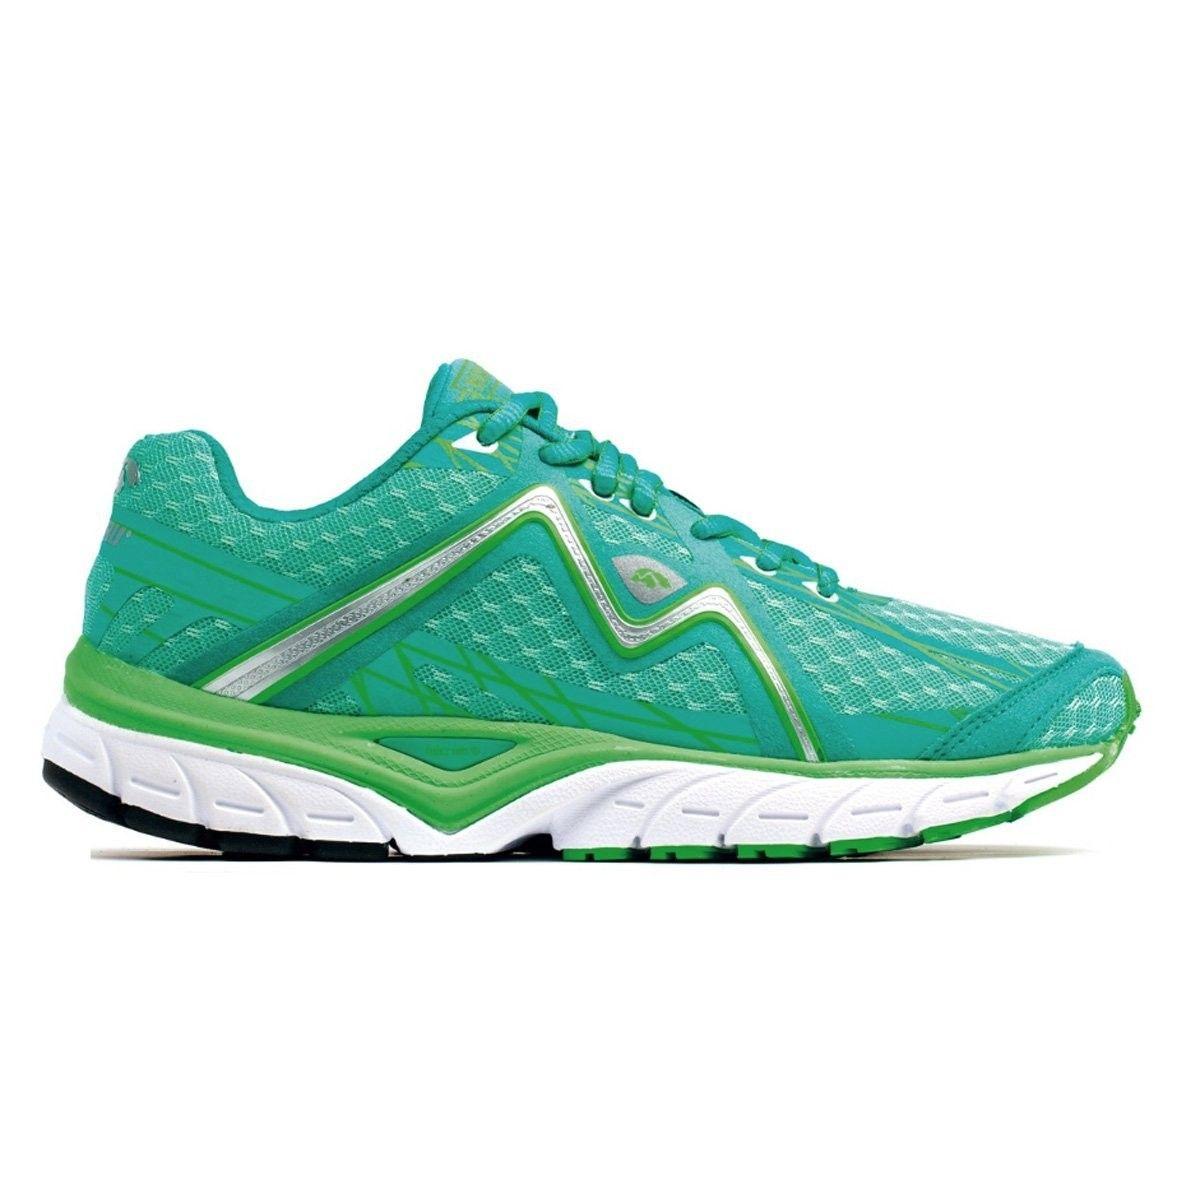 2015 Women's Strong5 Fulcrum Running Shoe Sea Glass